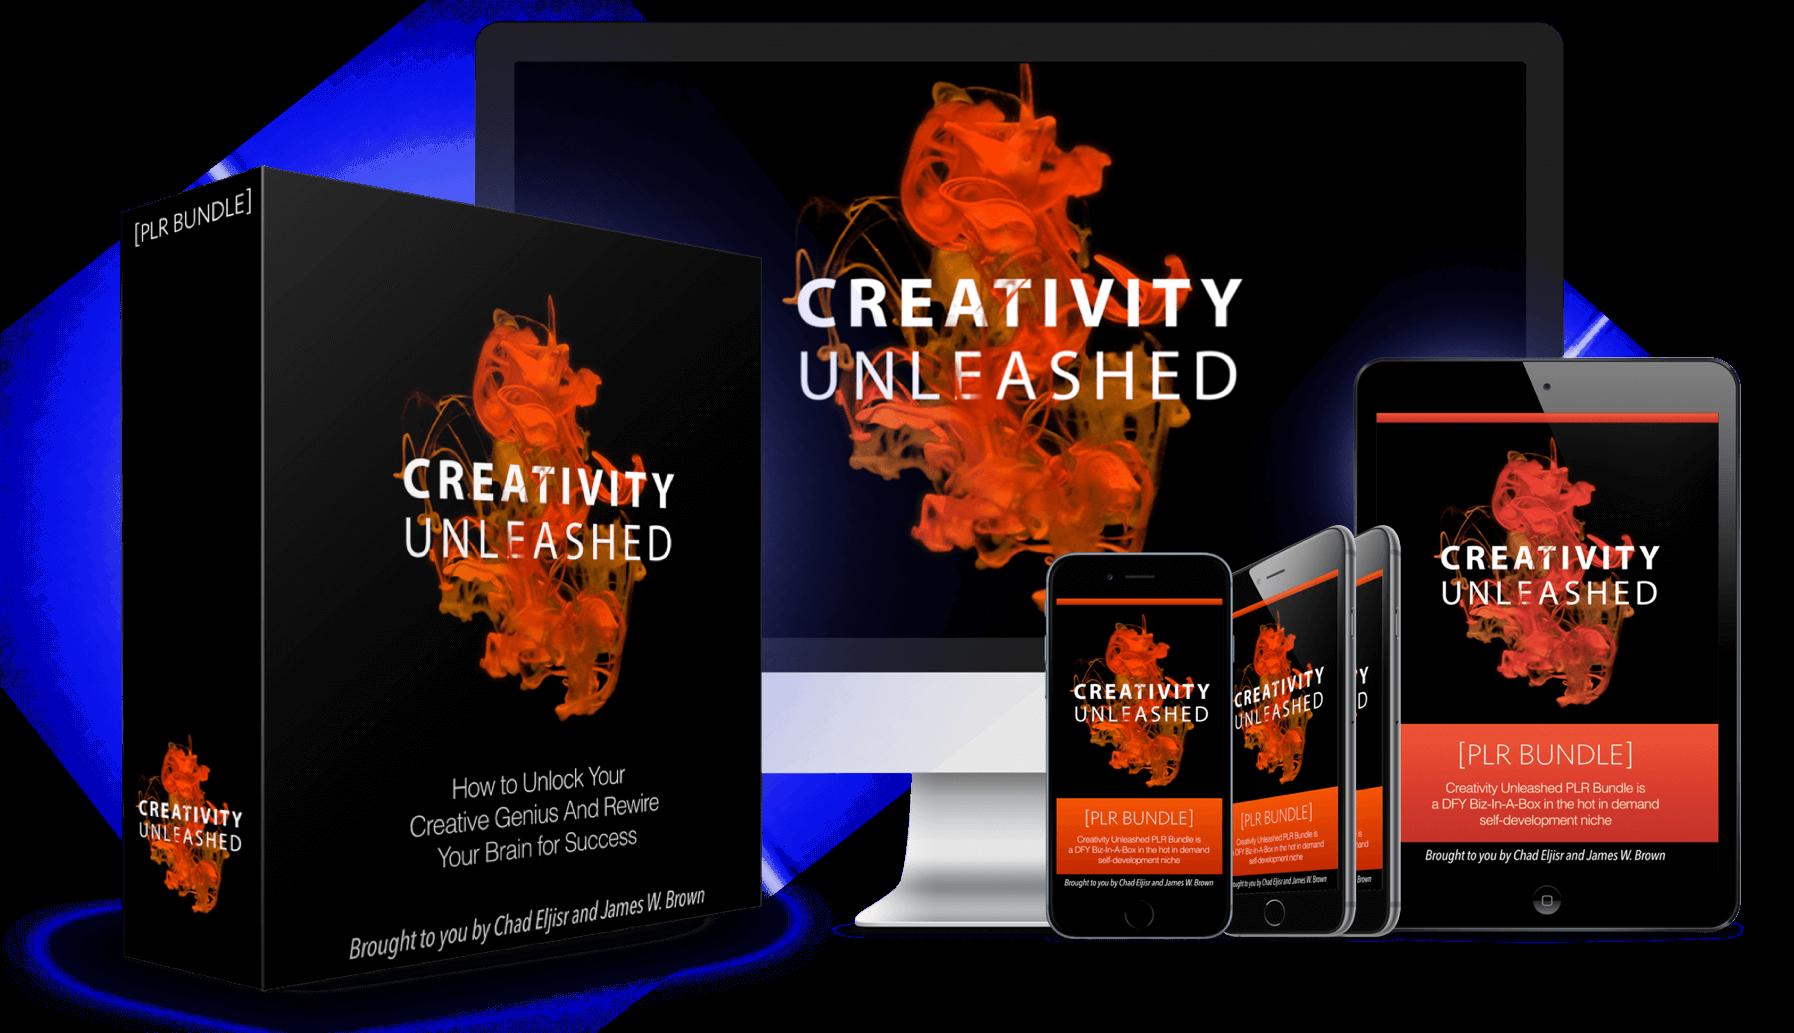 Creativity-Unleashed-PLR-Bundle-Review